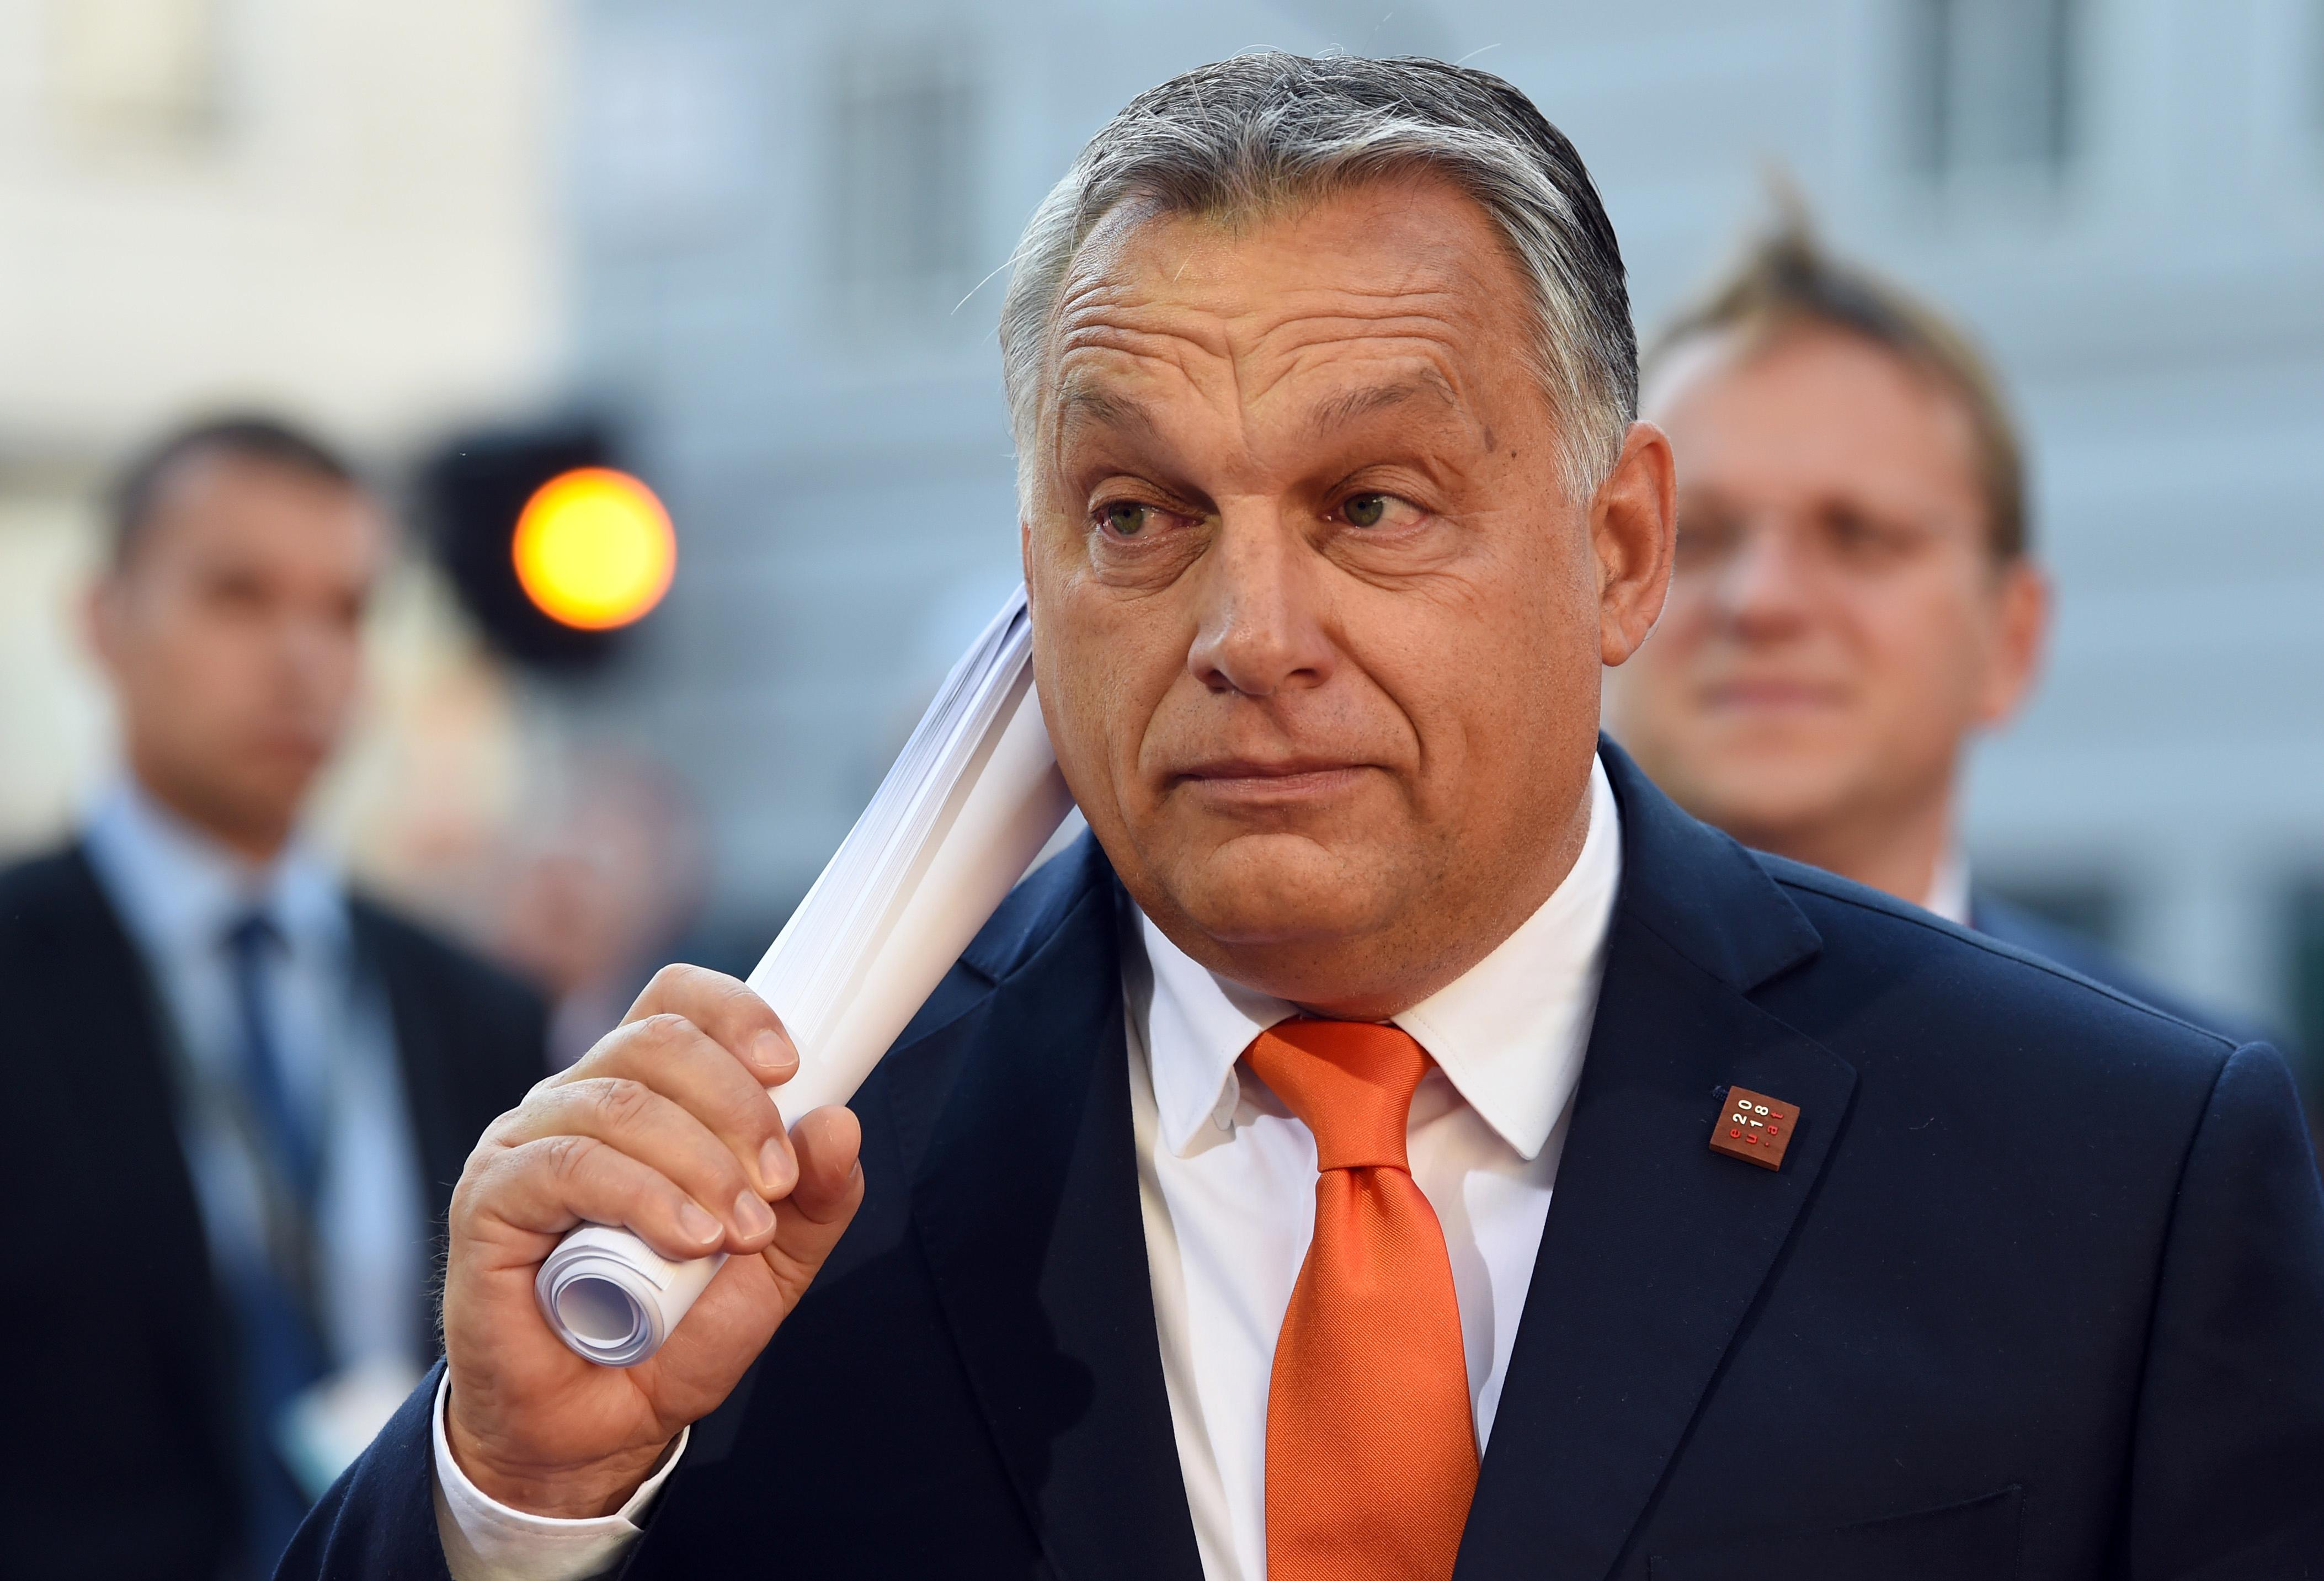 A Fidesz-kormány közérdekből minősítette nemzetstratégiai jelentőségűnek saját médiabirodalmát